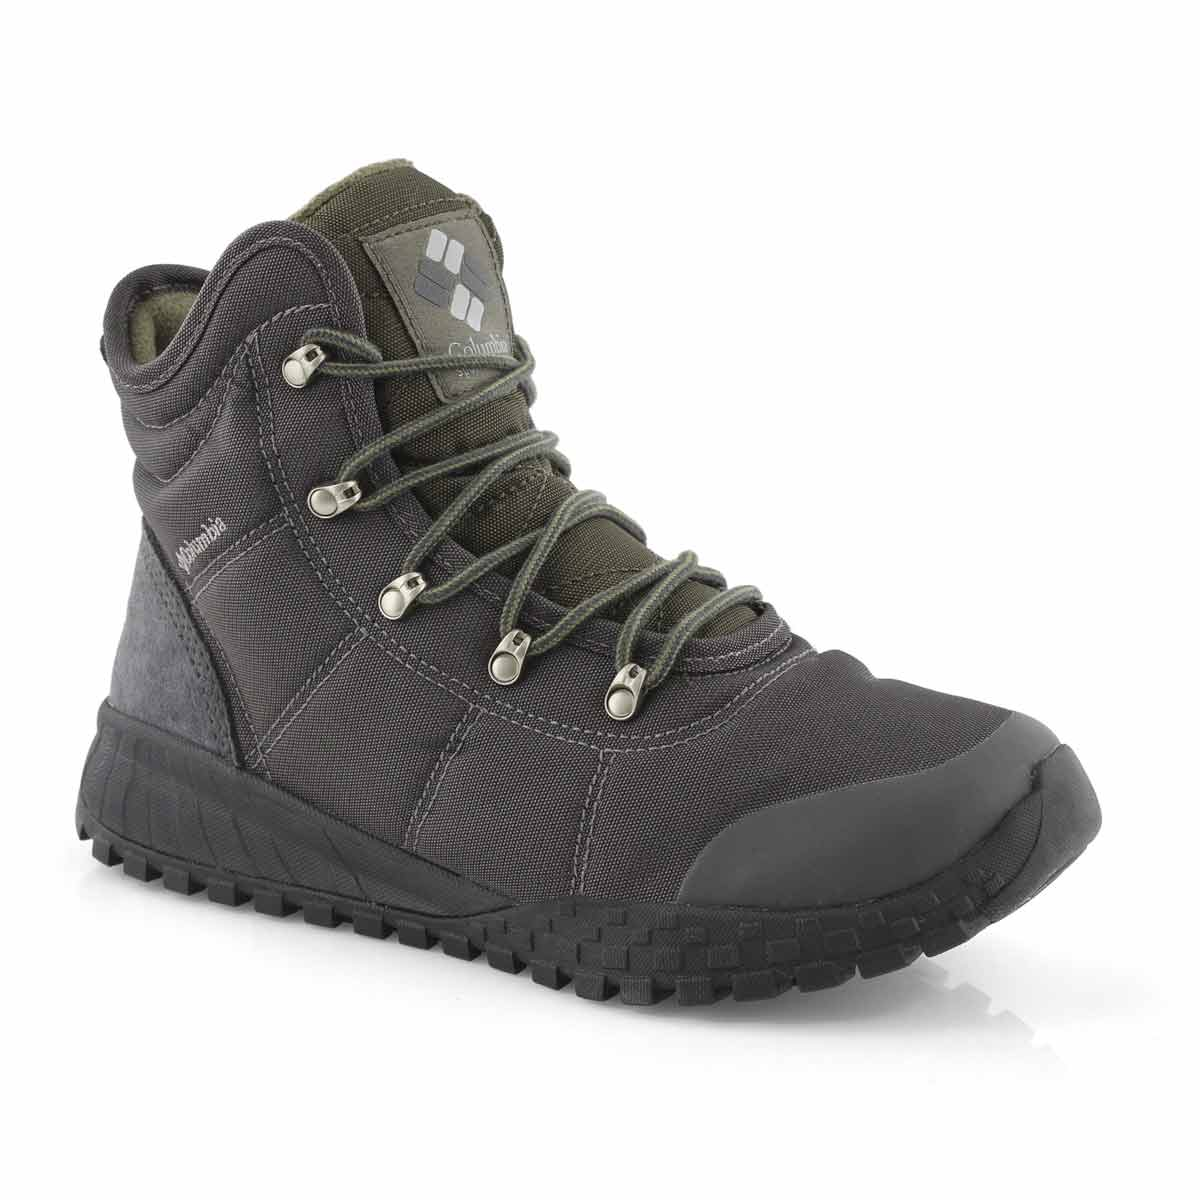 Men's FAIRBANKS Omni-Heat shark waterproof boots